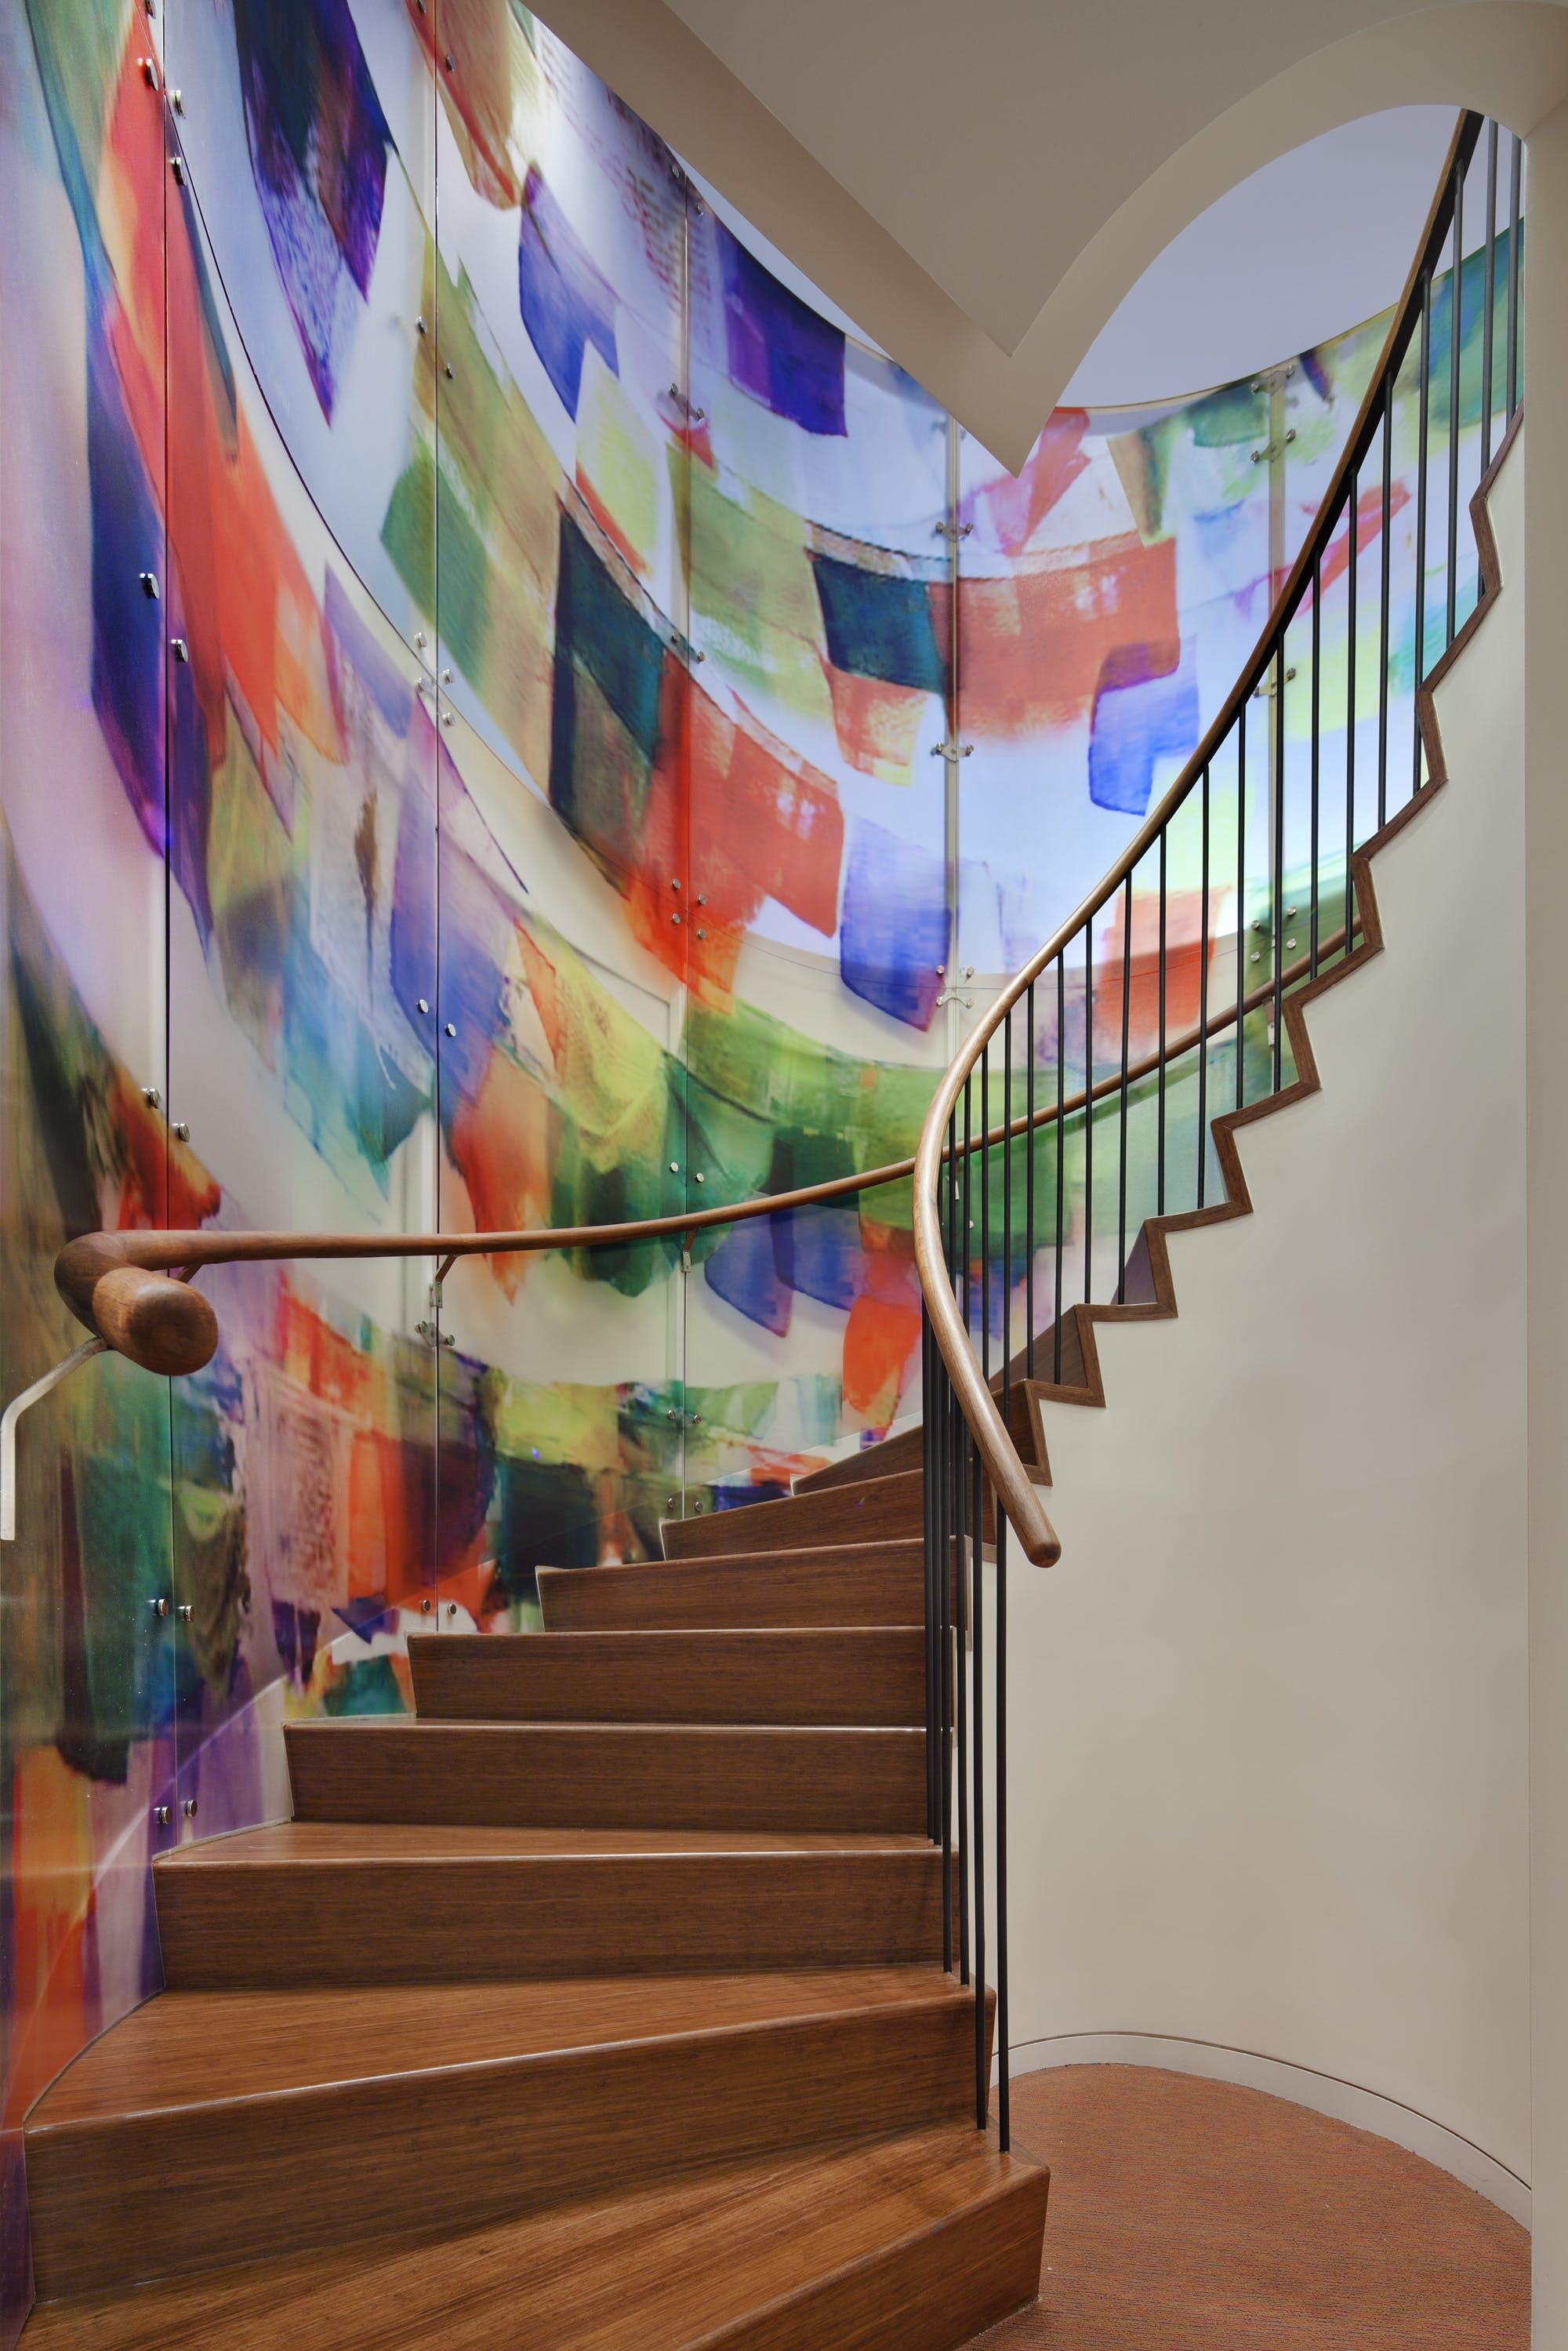 Rubin Museum Of Art Education Center Skolnick